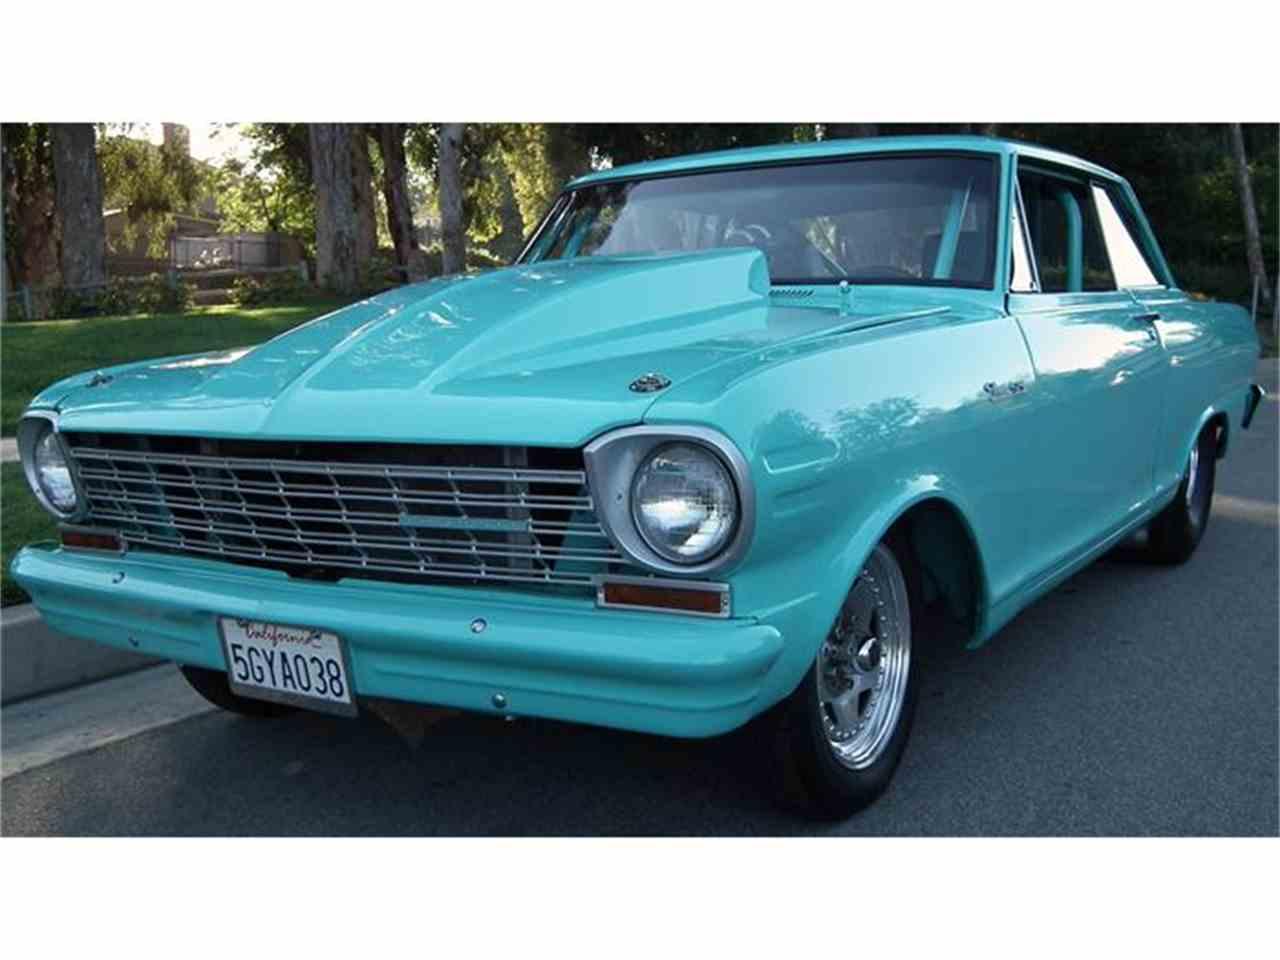 All Chevy 64 chevy nova : 1964 Chevrolet Nova for Sale on ClassicCars.com